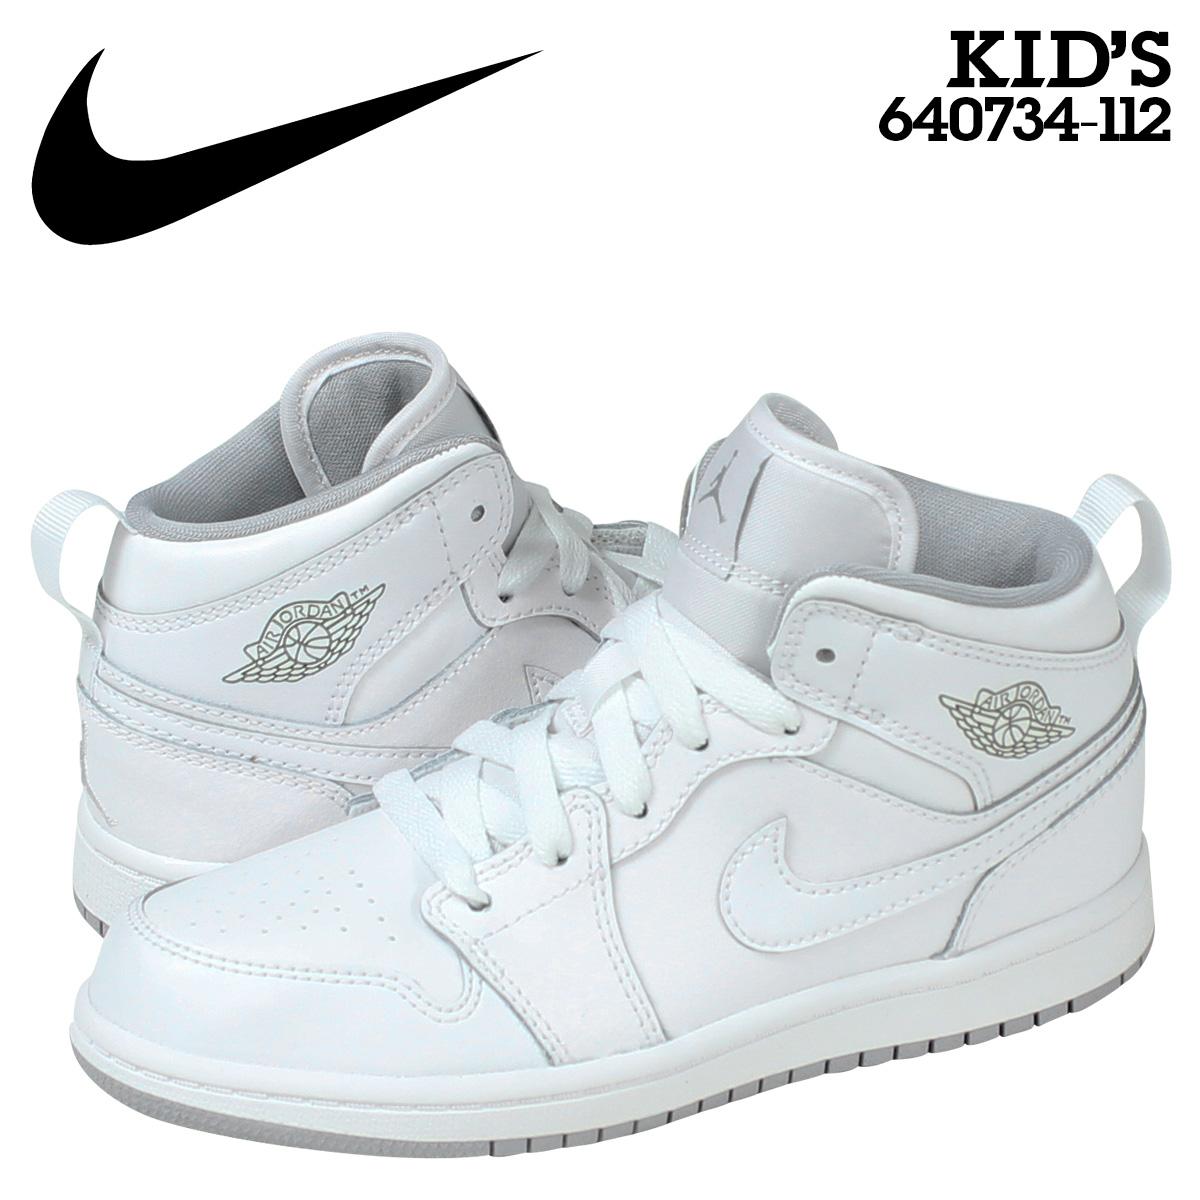 Lab: NIKE Nike Air Jordan sneakers